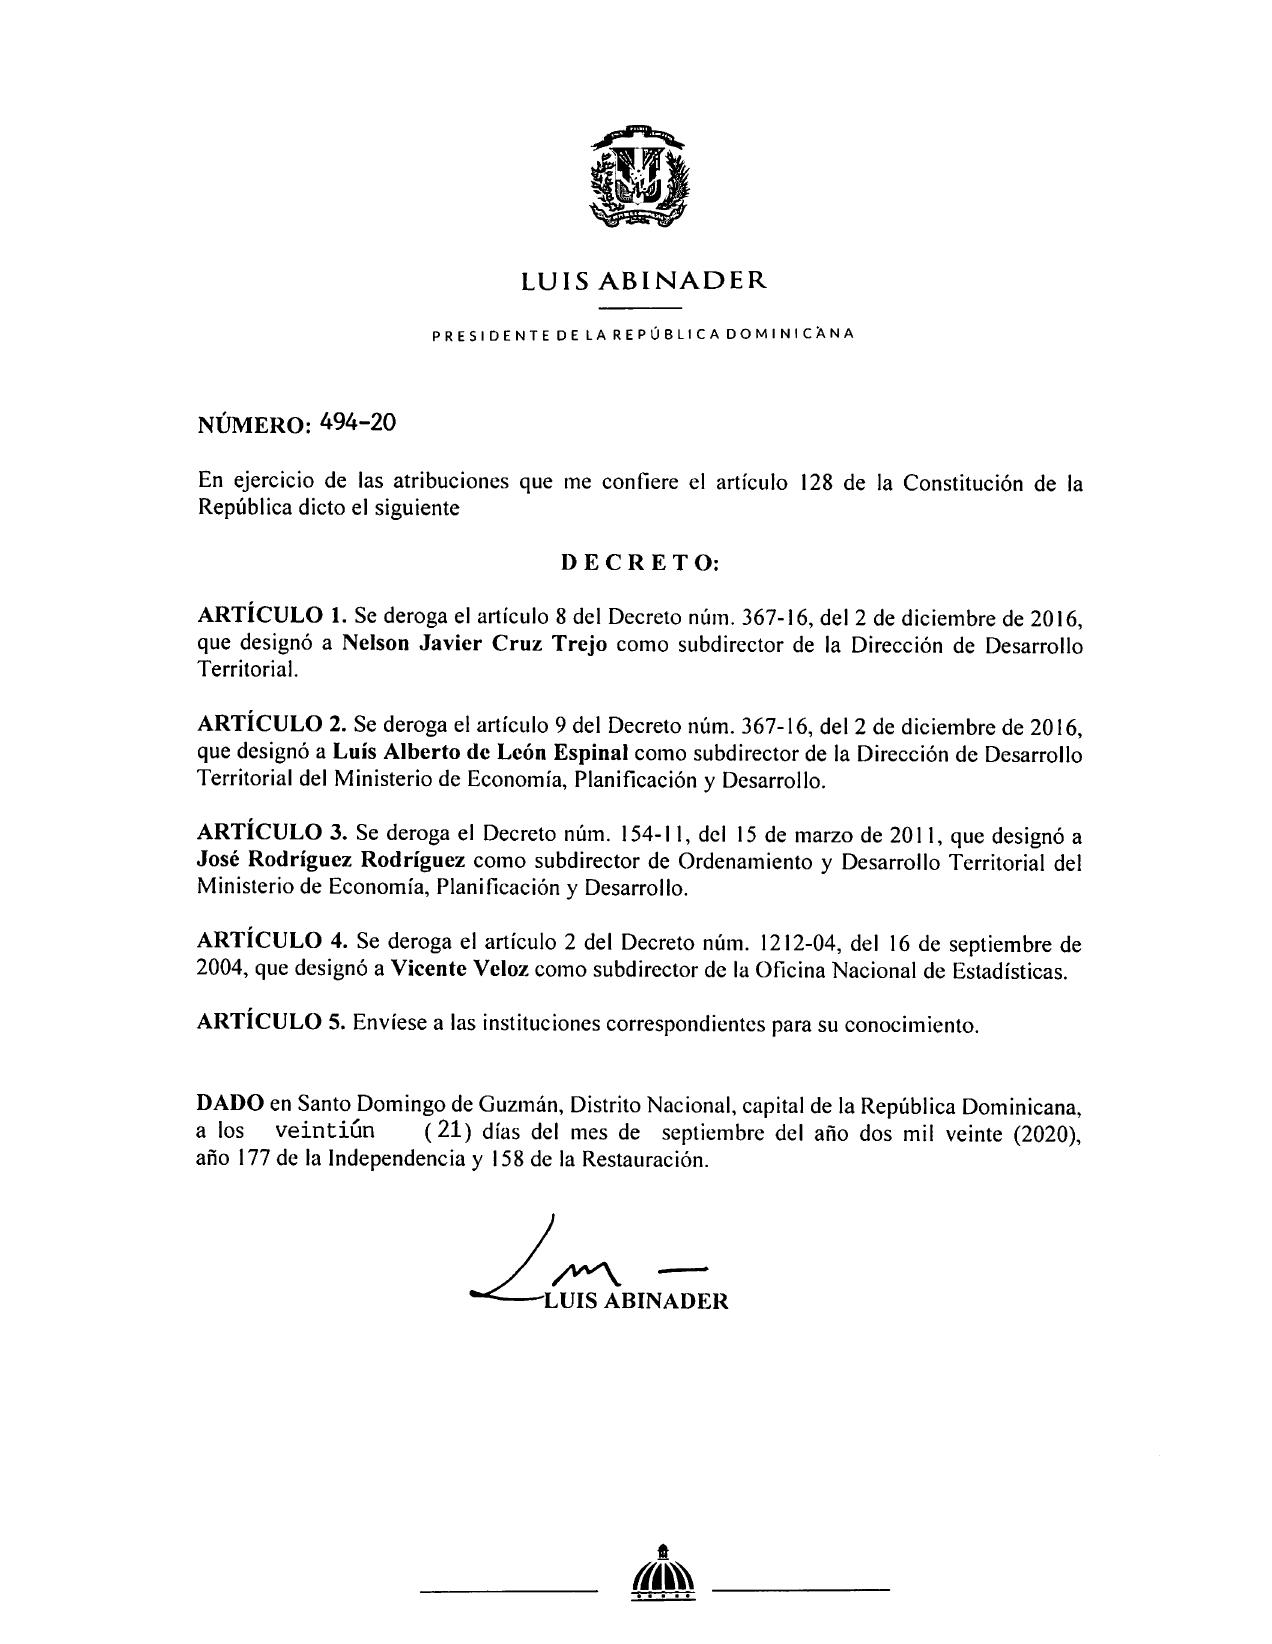 decreto 494-20